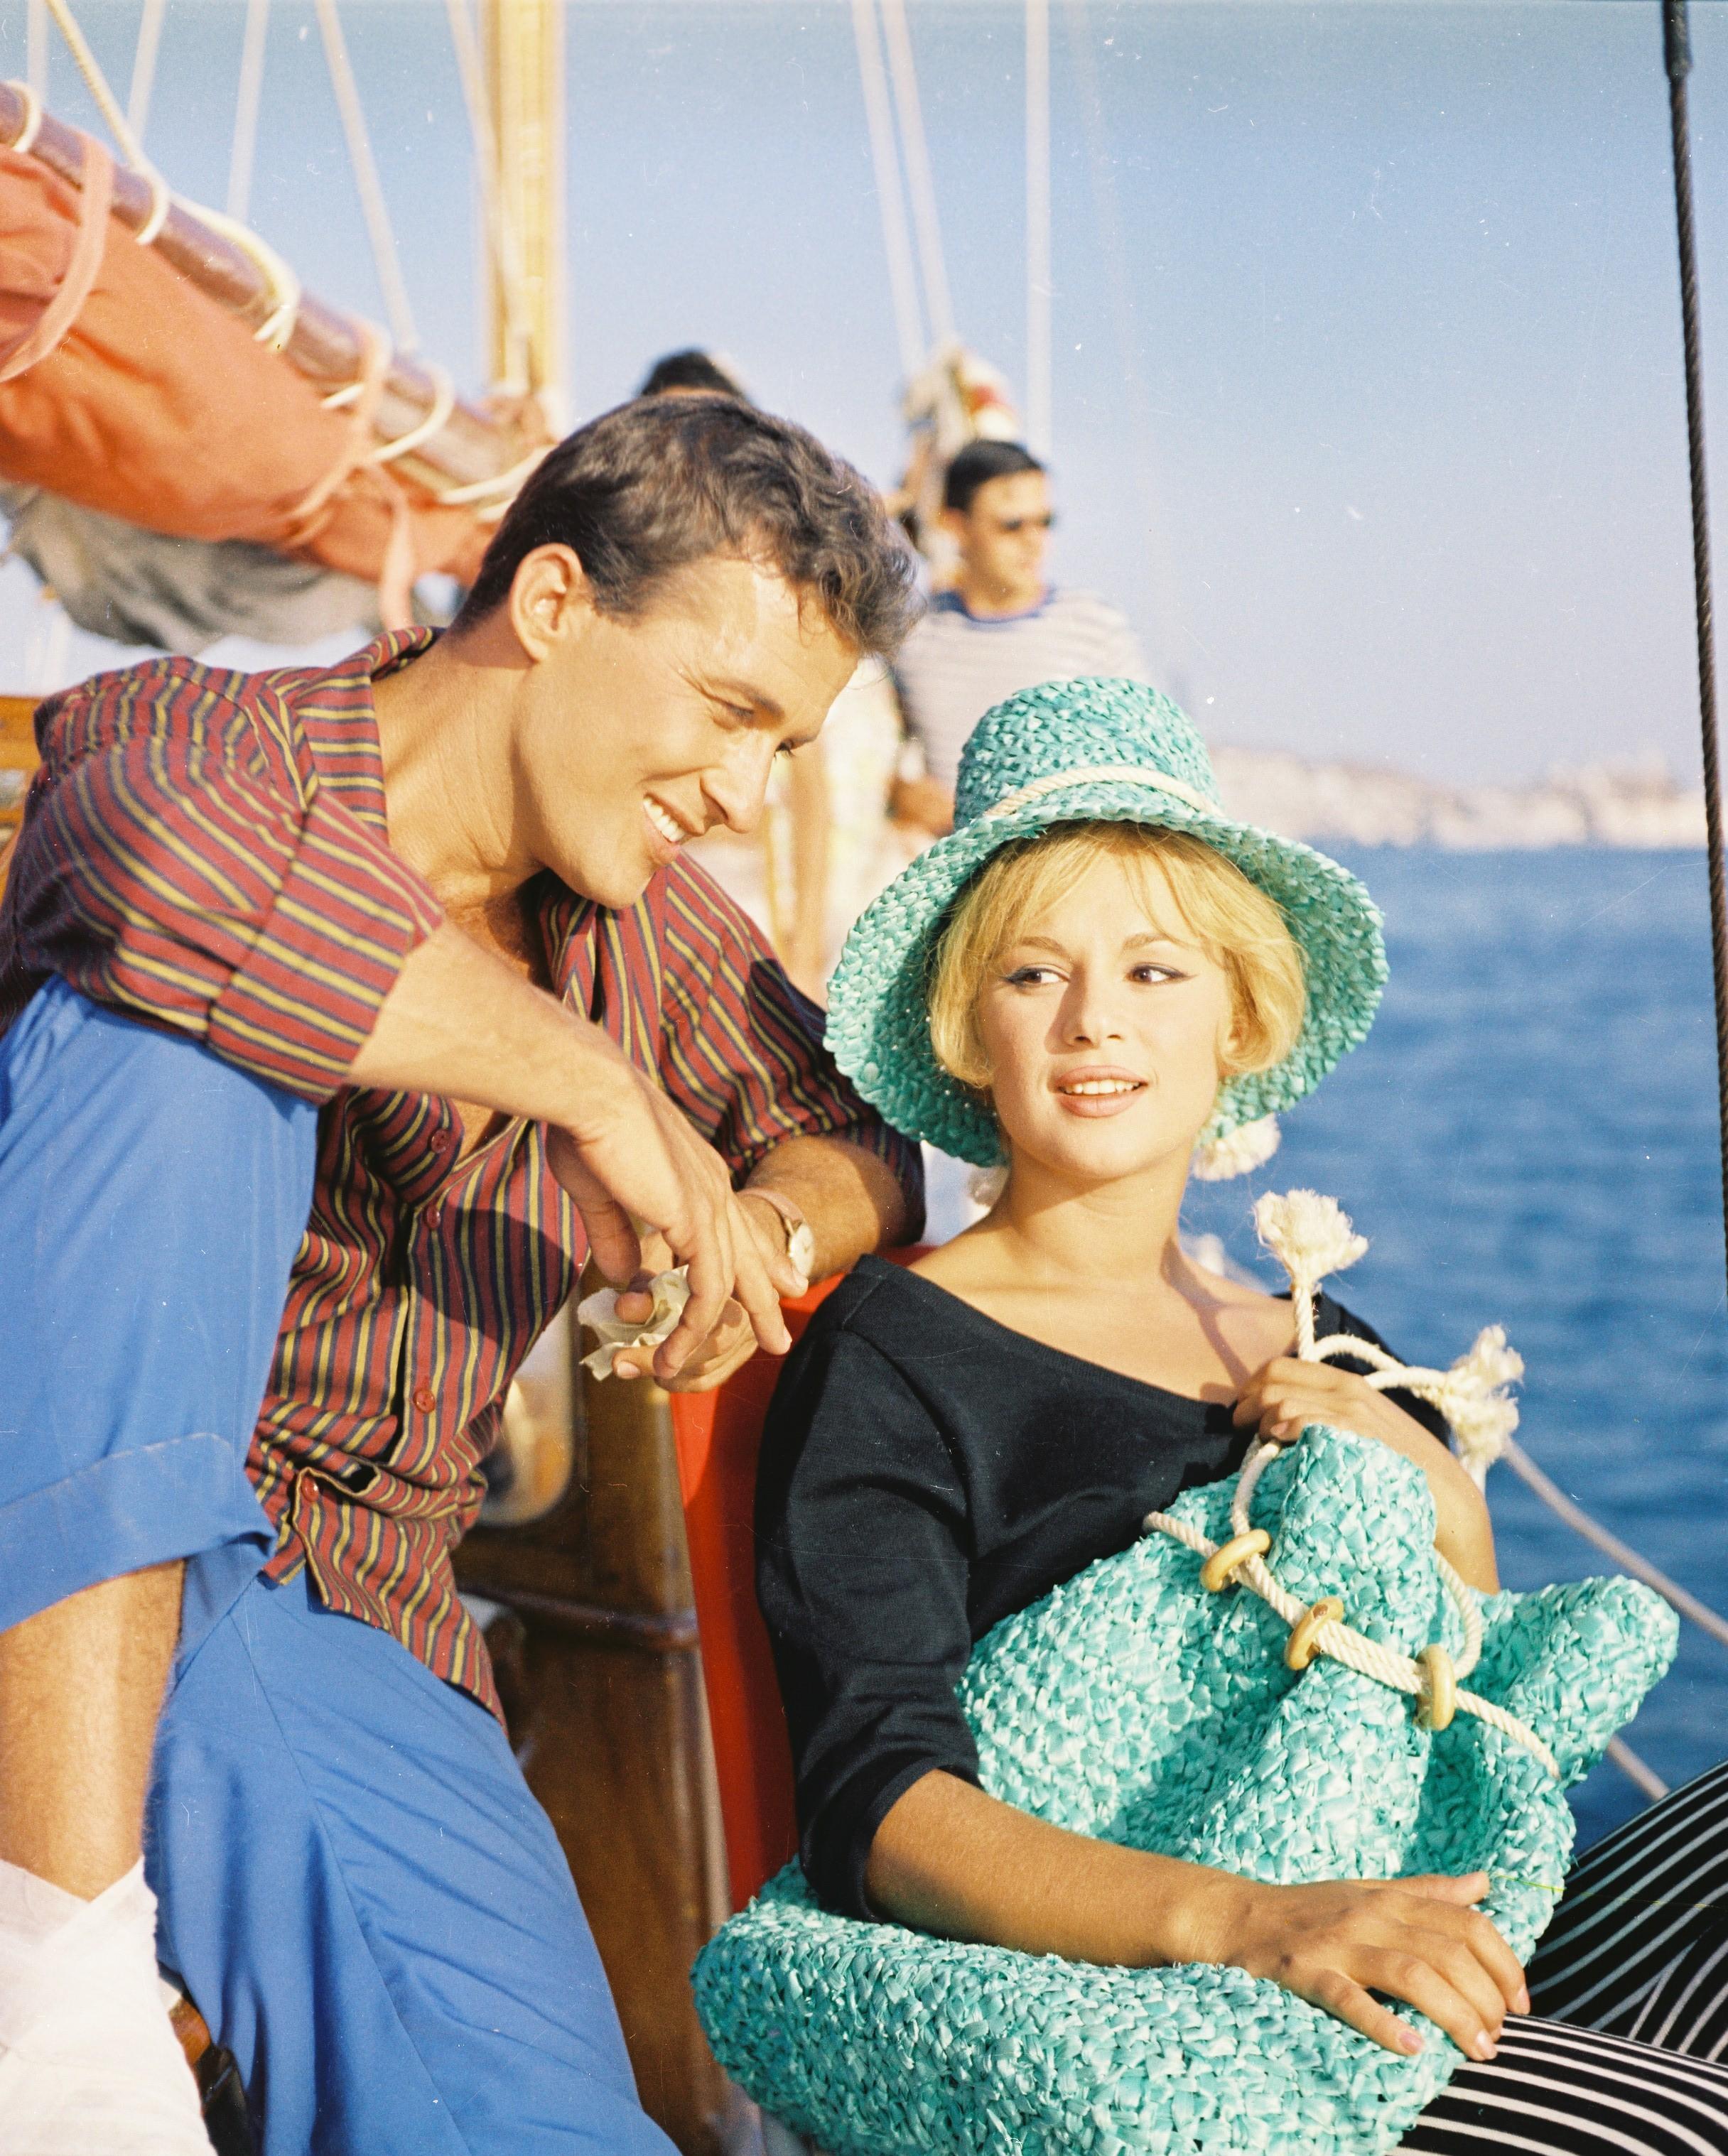 Παραλίγο η Λίζα να πάει στο ναυτικό και η Ναυσικά να γίνει Υπολοχαγός